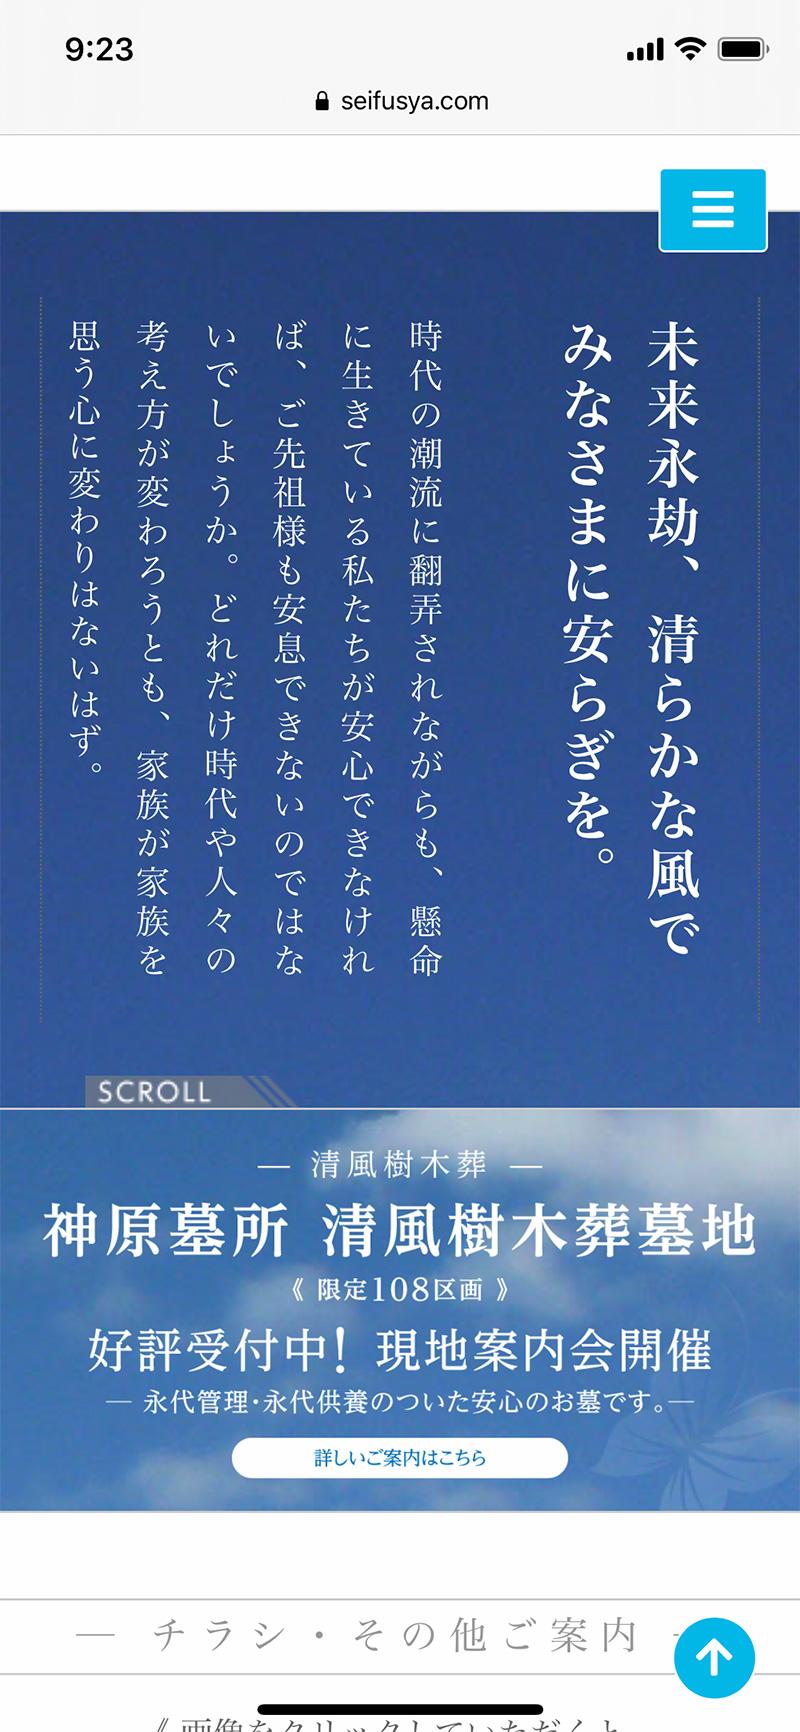 株式会社清風社_スマホサイト01